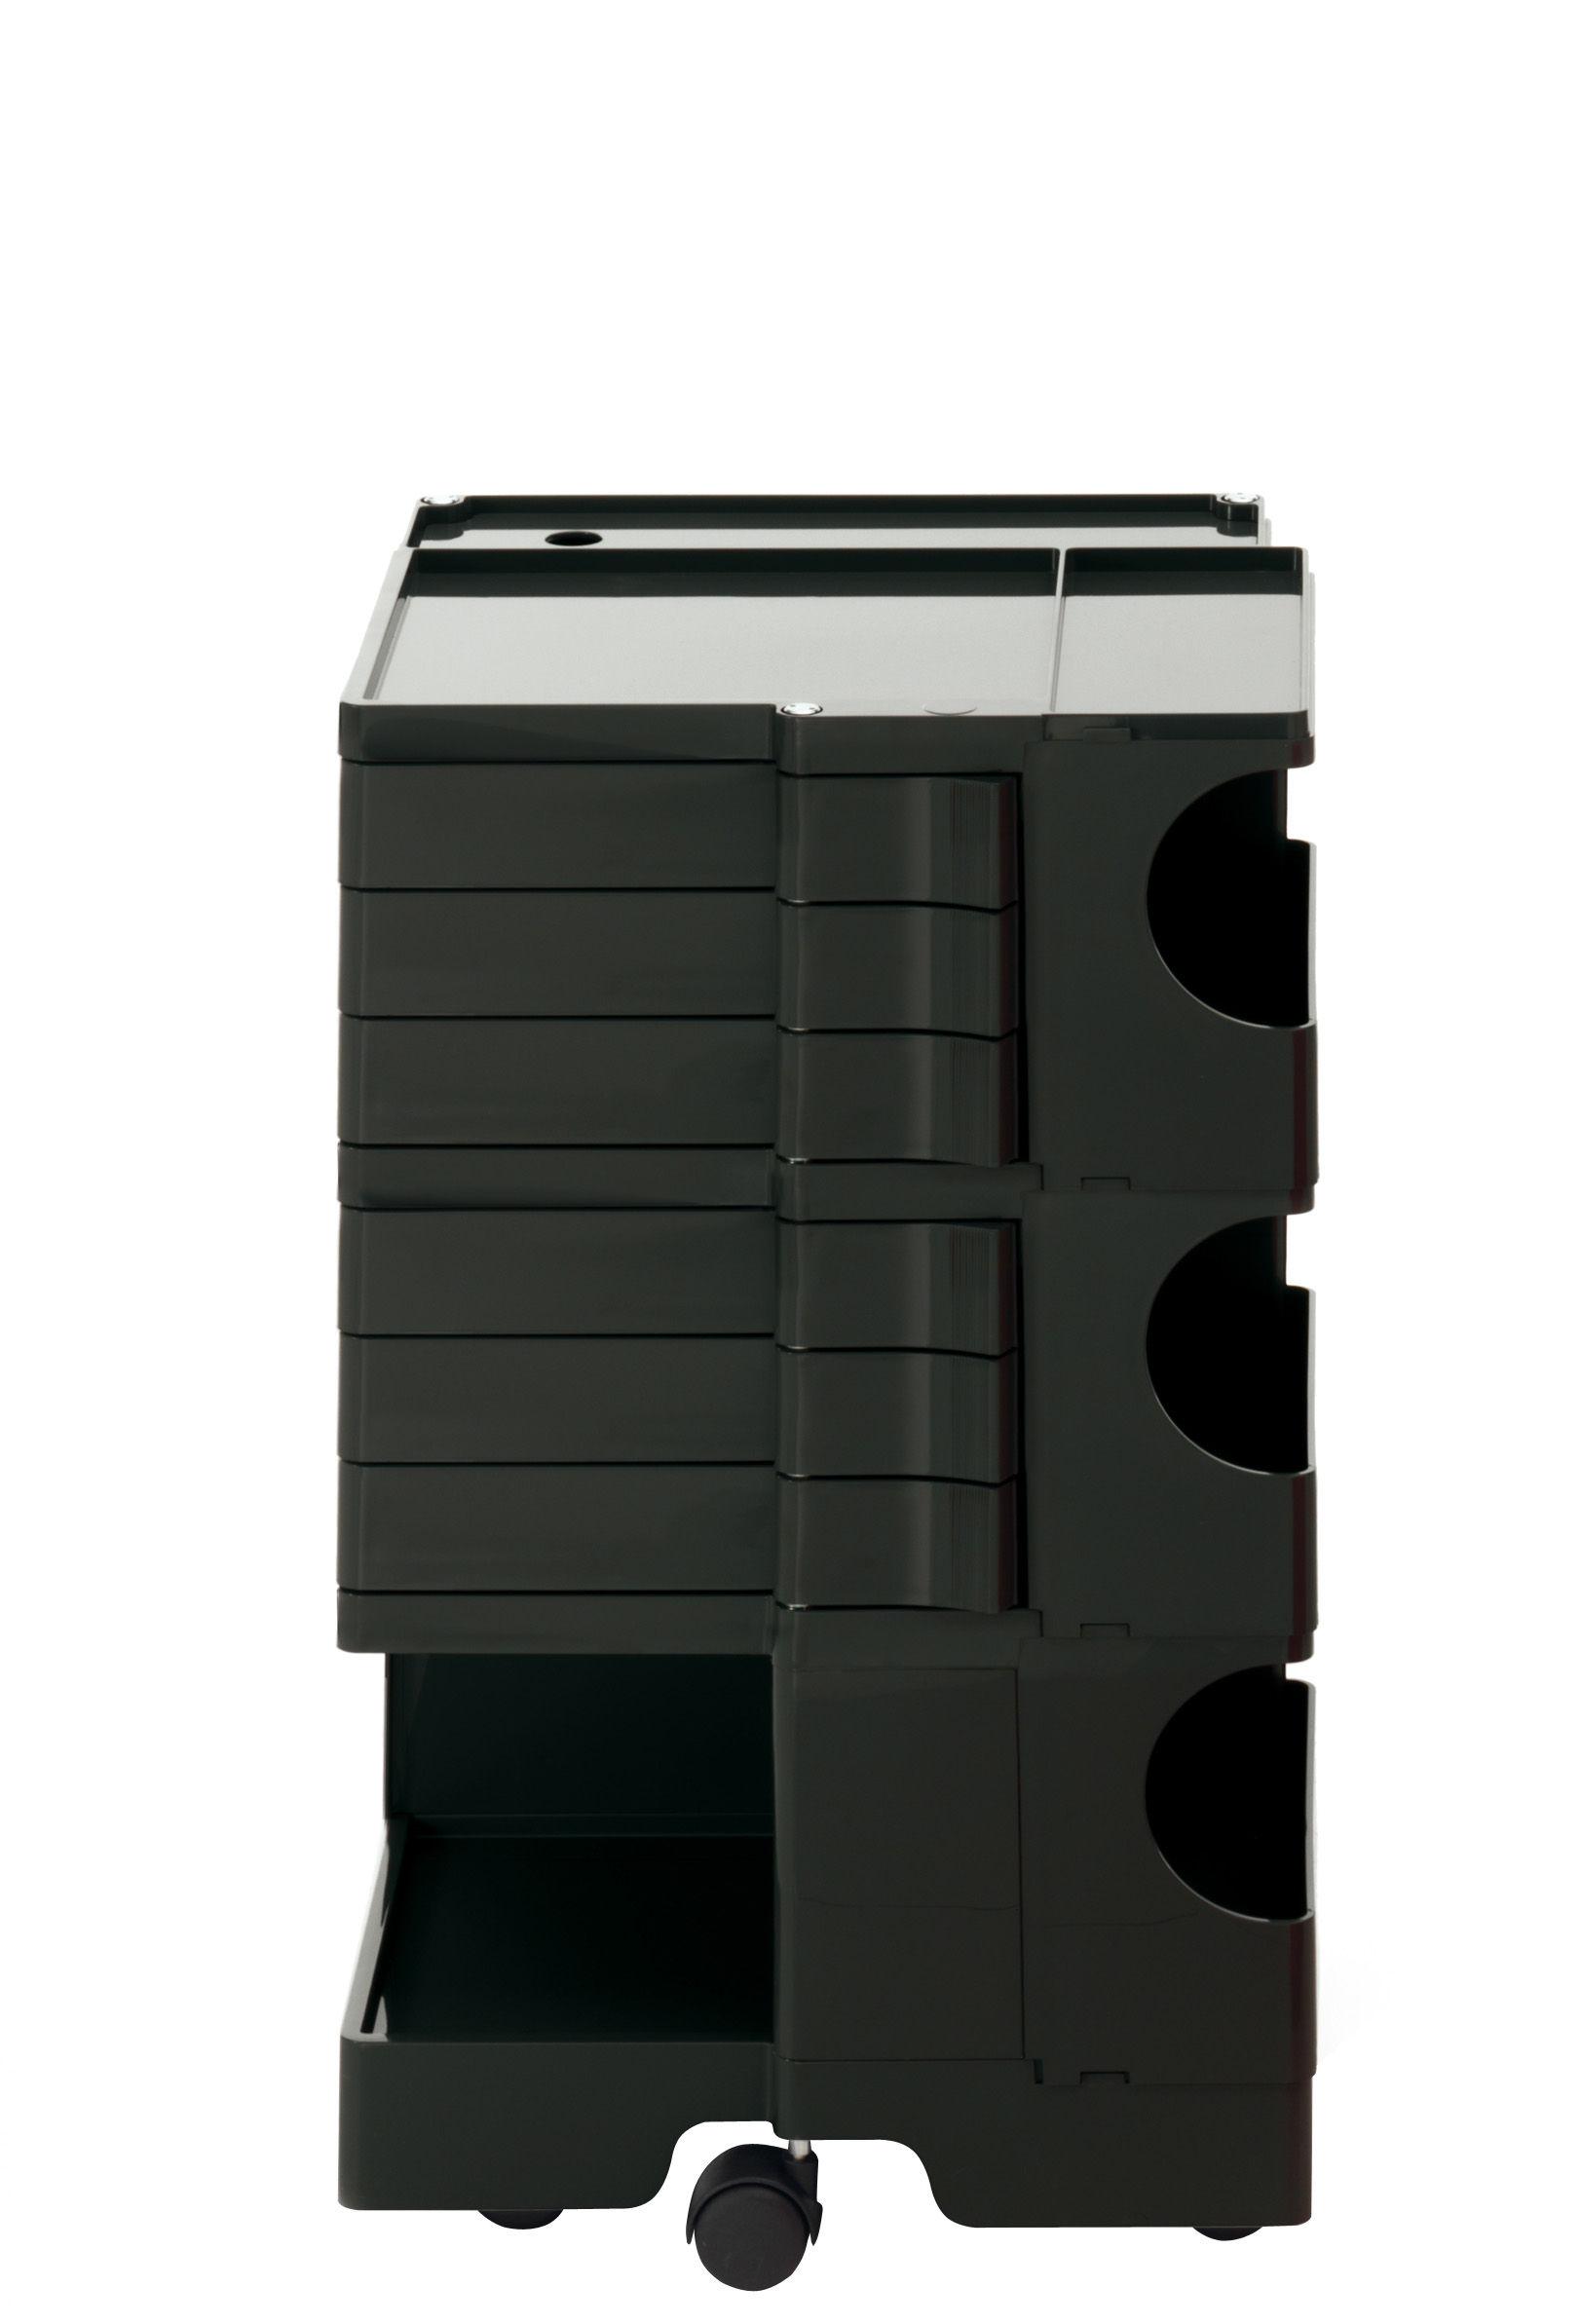 Möbel - Beistell-Möbel - Boby Ablage / H 73 cm - 6 Schubladen - B-LINE - Schwarz - ABS